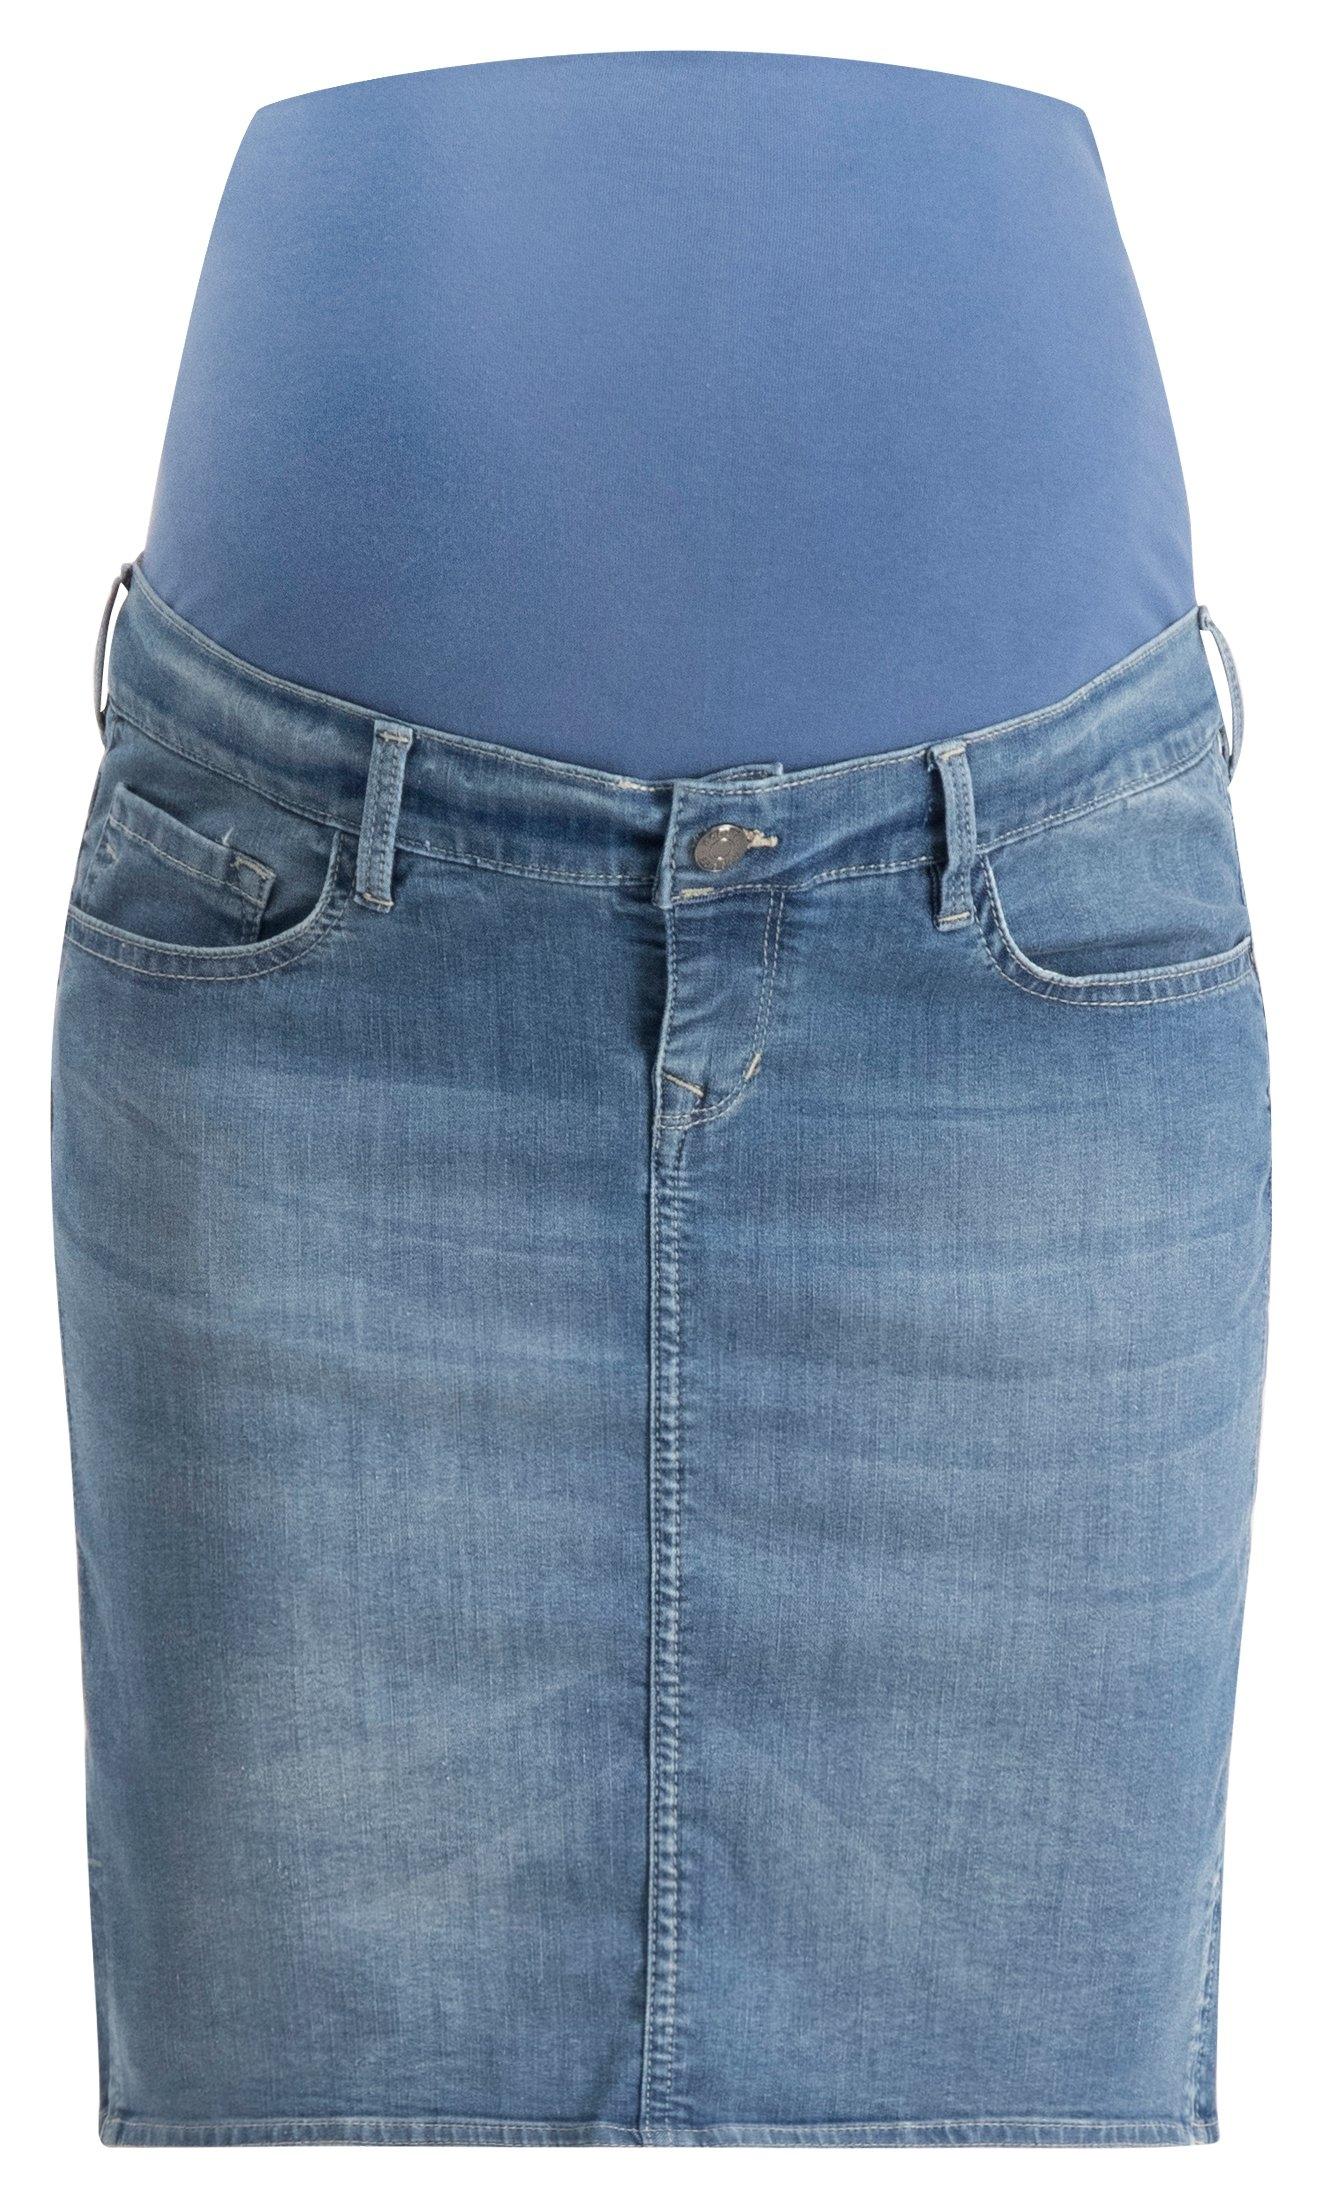 Noppies spijkerrok »Bree« bij OTTO online kopen